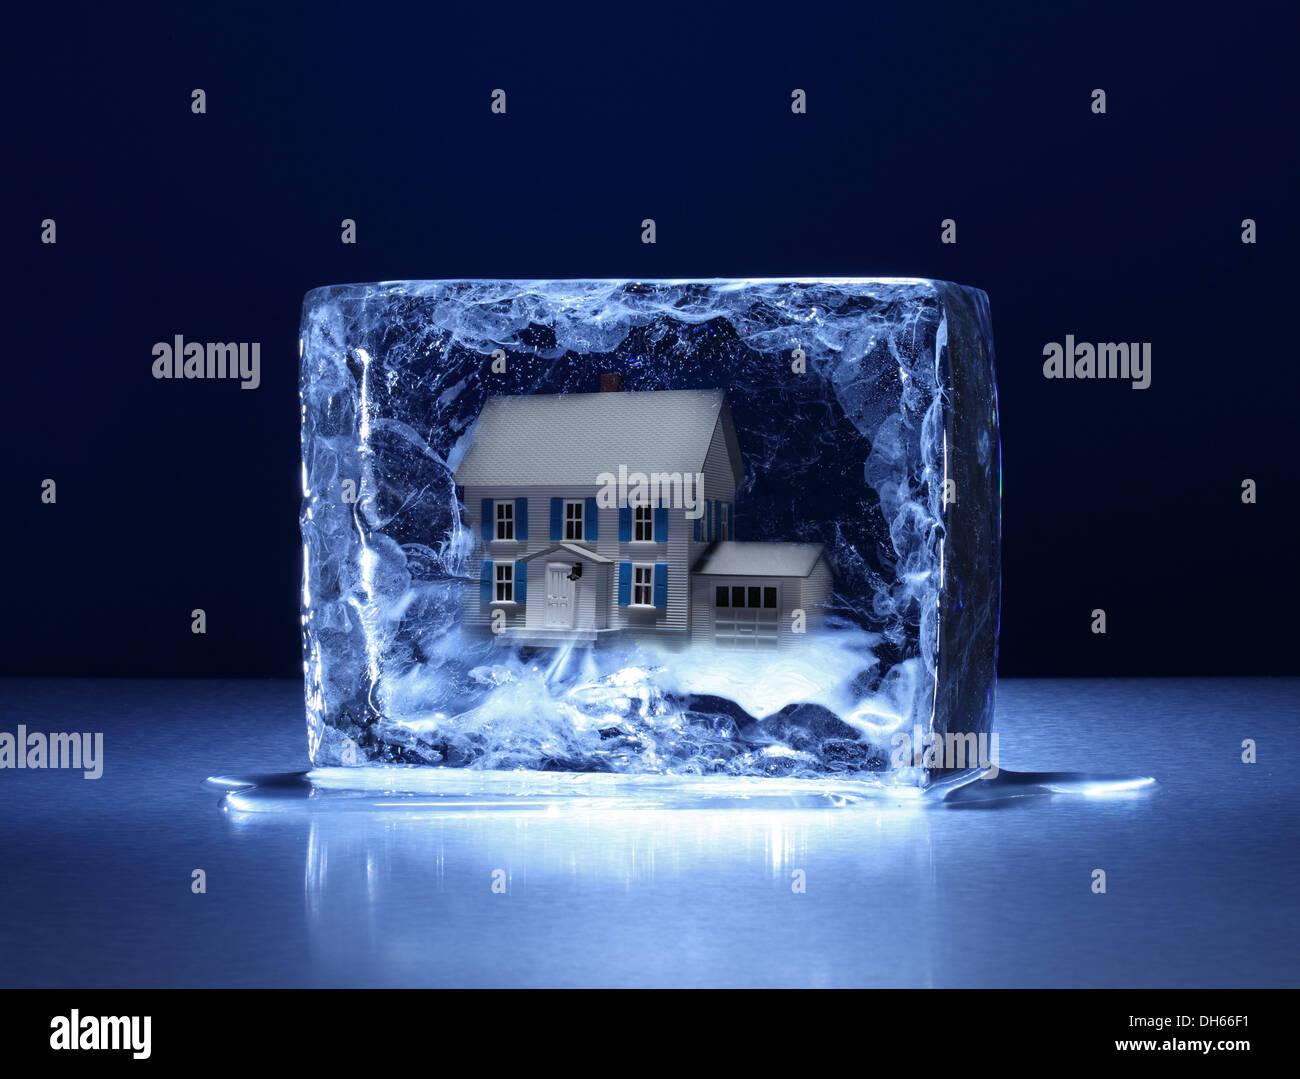 Una casa modelo congelado en un bloque de hielo claro Imagen De Stock